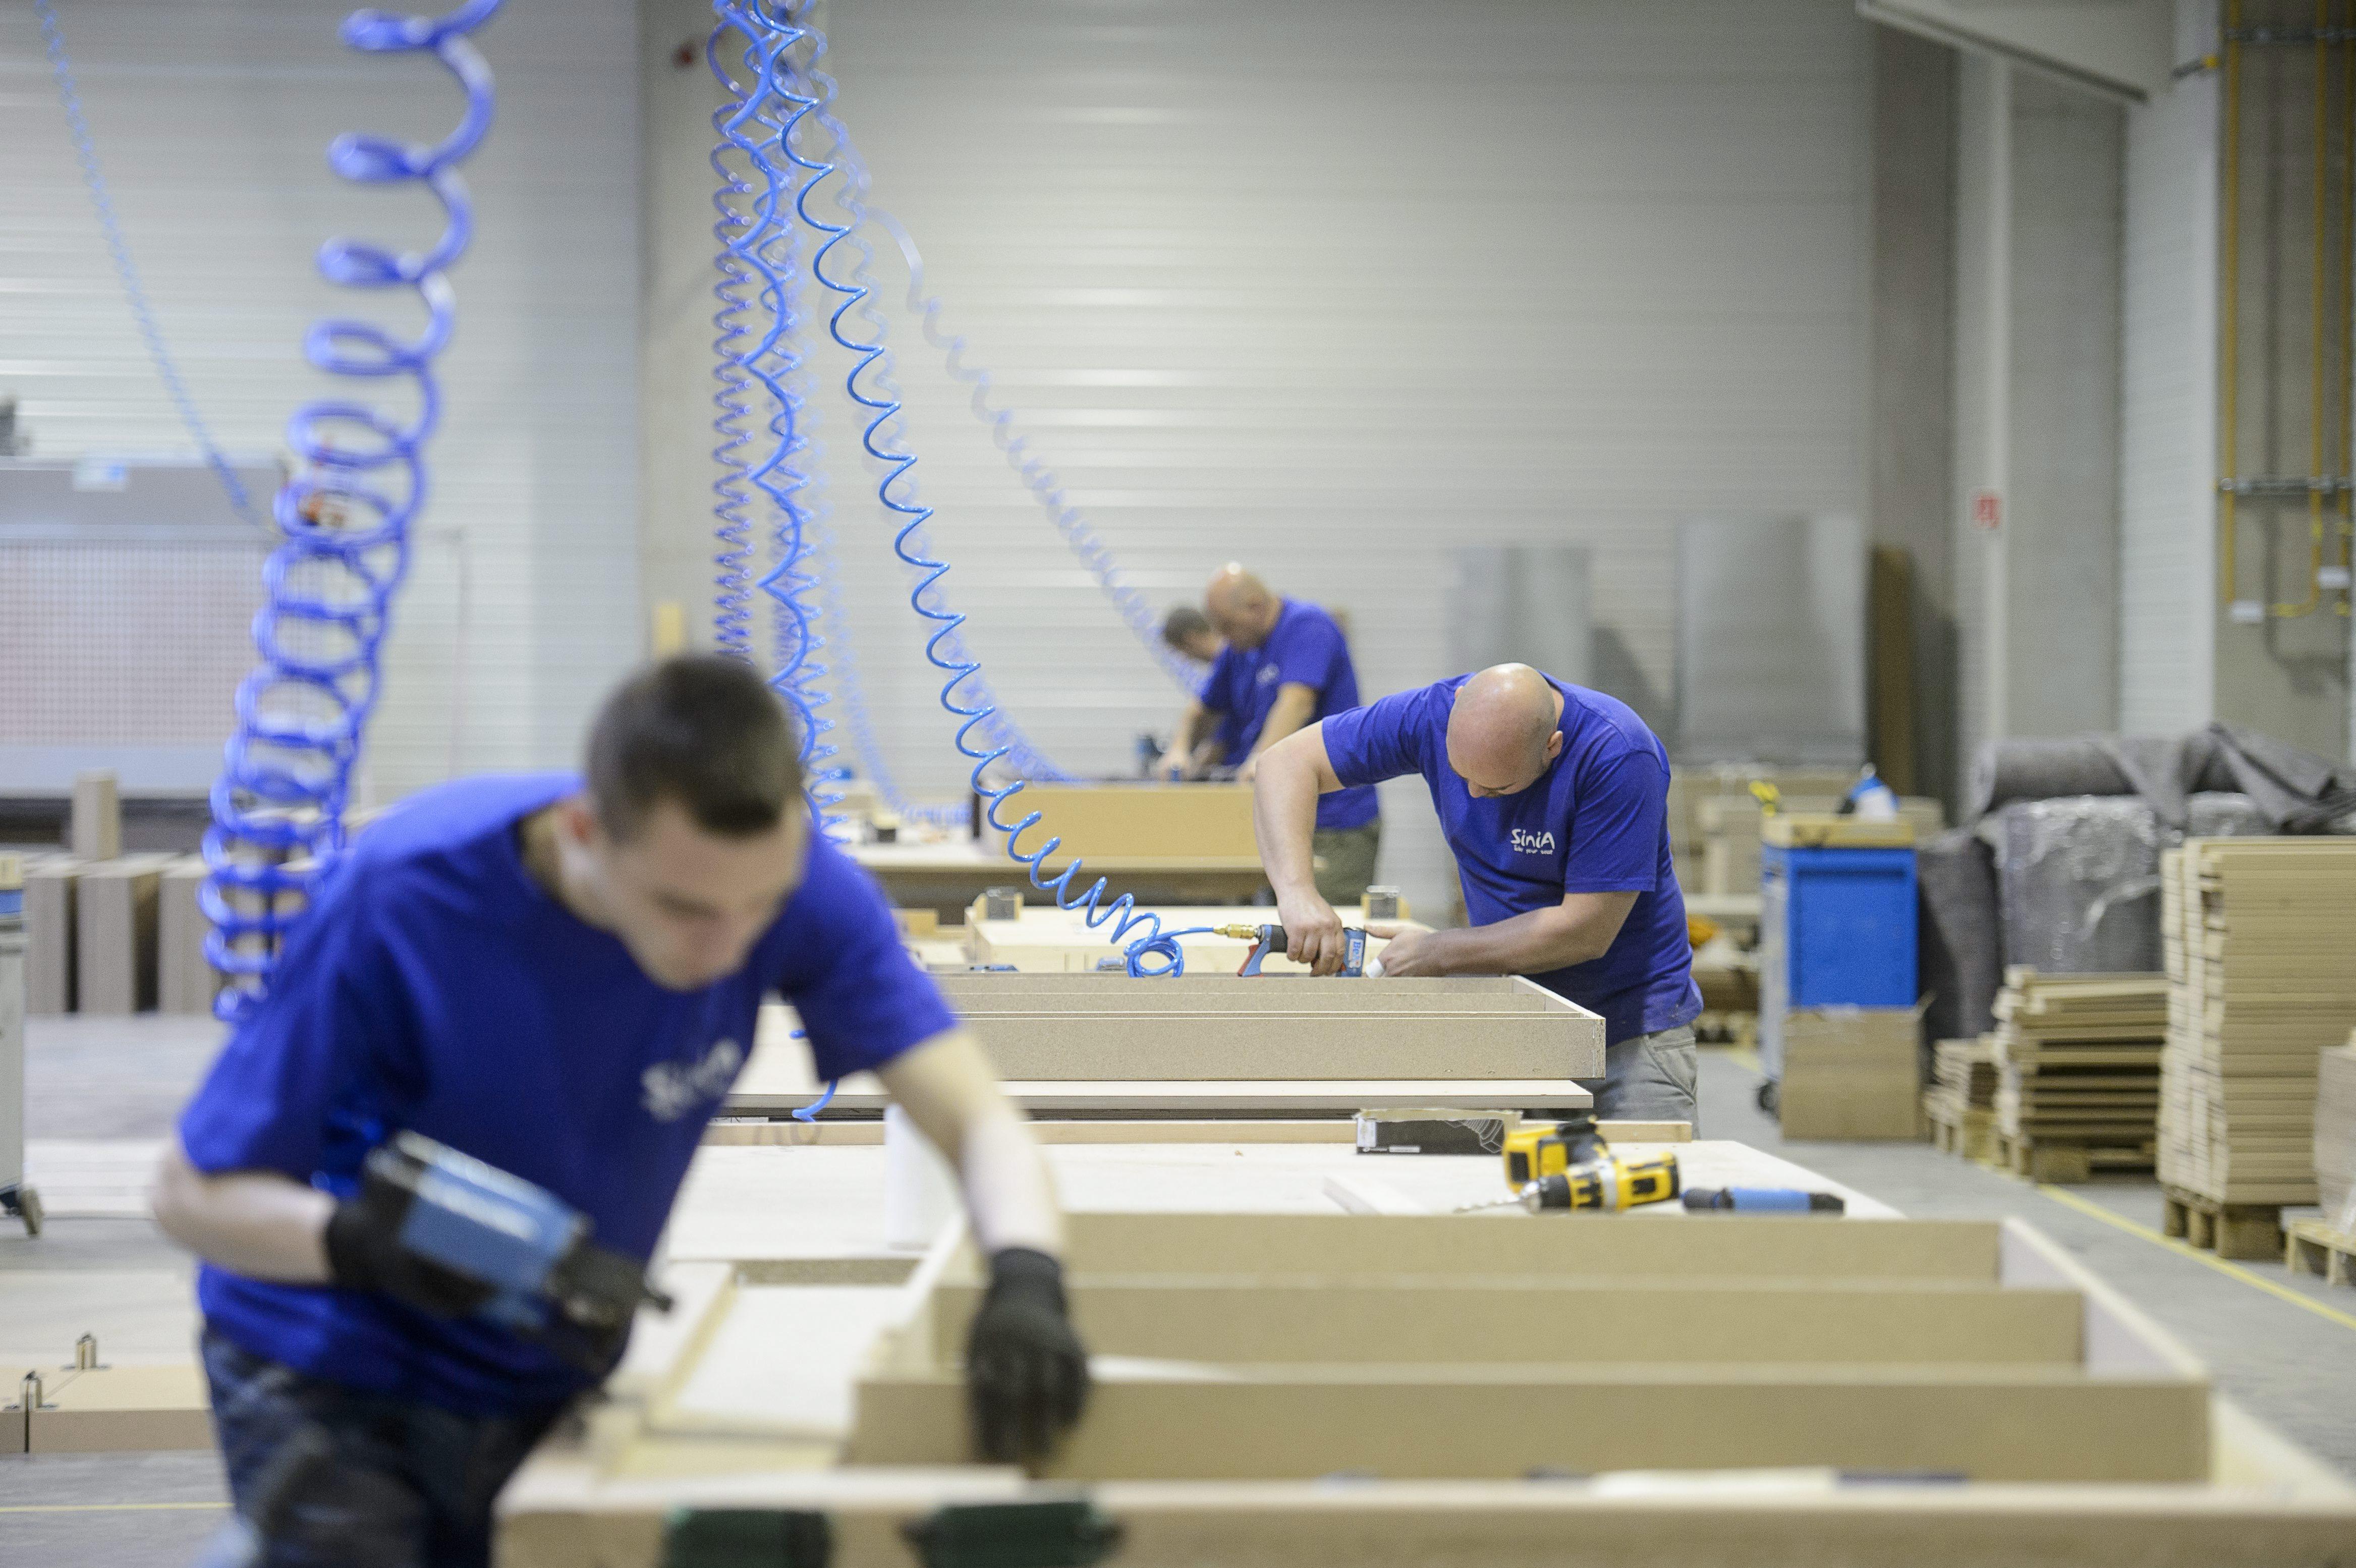 Bátonyterenye, 2015. május 12. Dolgozók a Sinia Bútorgyártó Kft. újonnan átadott ülõbútorgyártó üzemében a bátonyterenyei ipari parkban 2015. május 12-én. MTI Fotó: Komka Péter